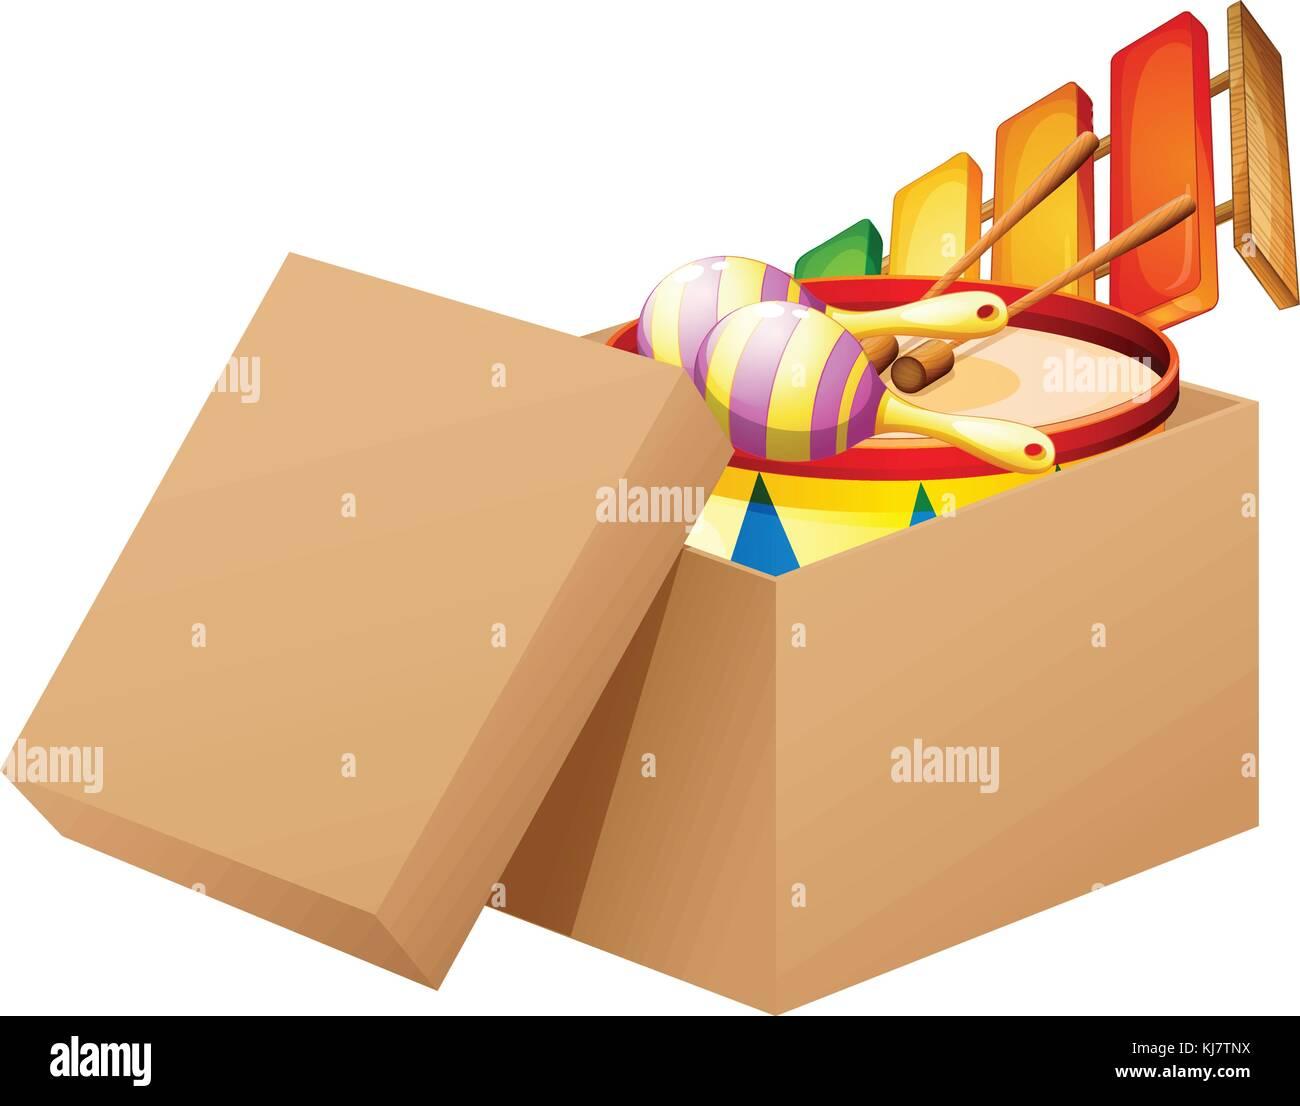 Ilustración de un cómic lleno de juguetes sobre un fondo blanco. Ilustración del Vector